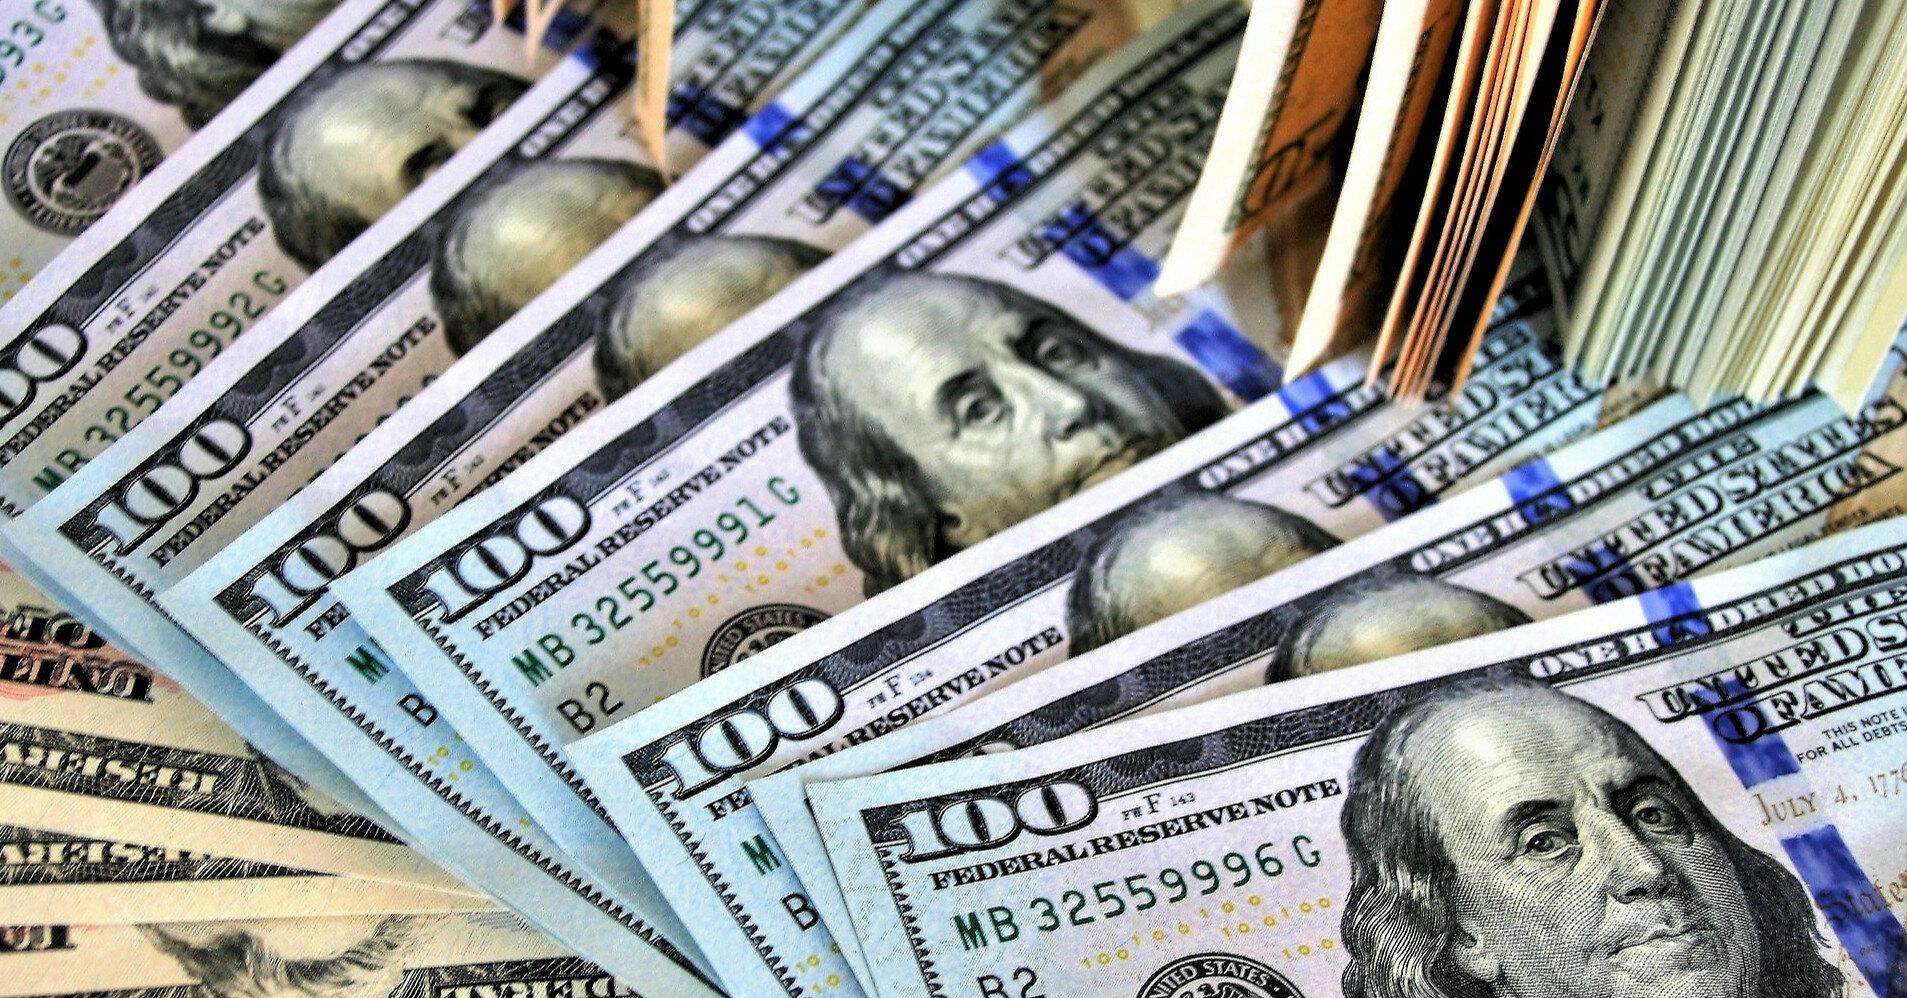 Эстонские акционеры инициируют иск против Украины на $750 млн